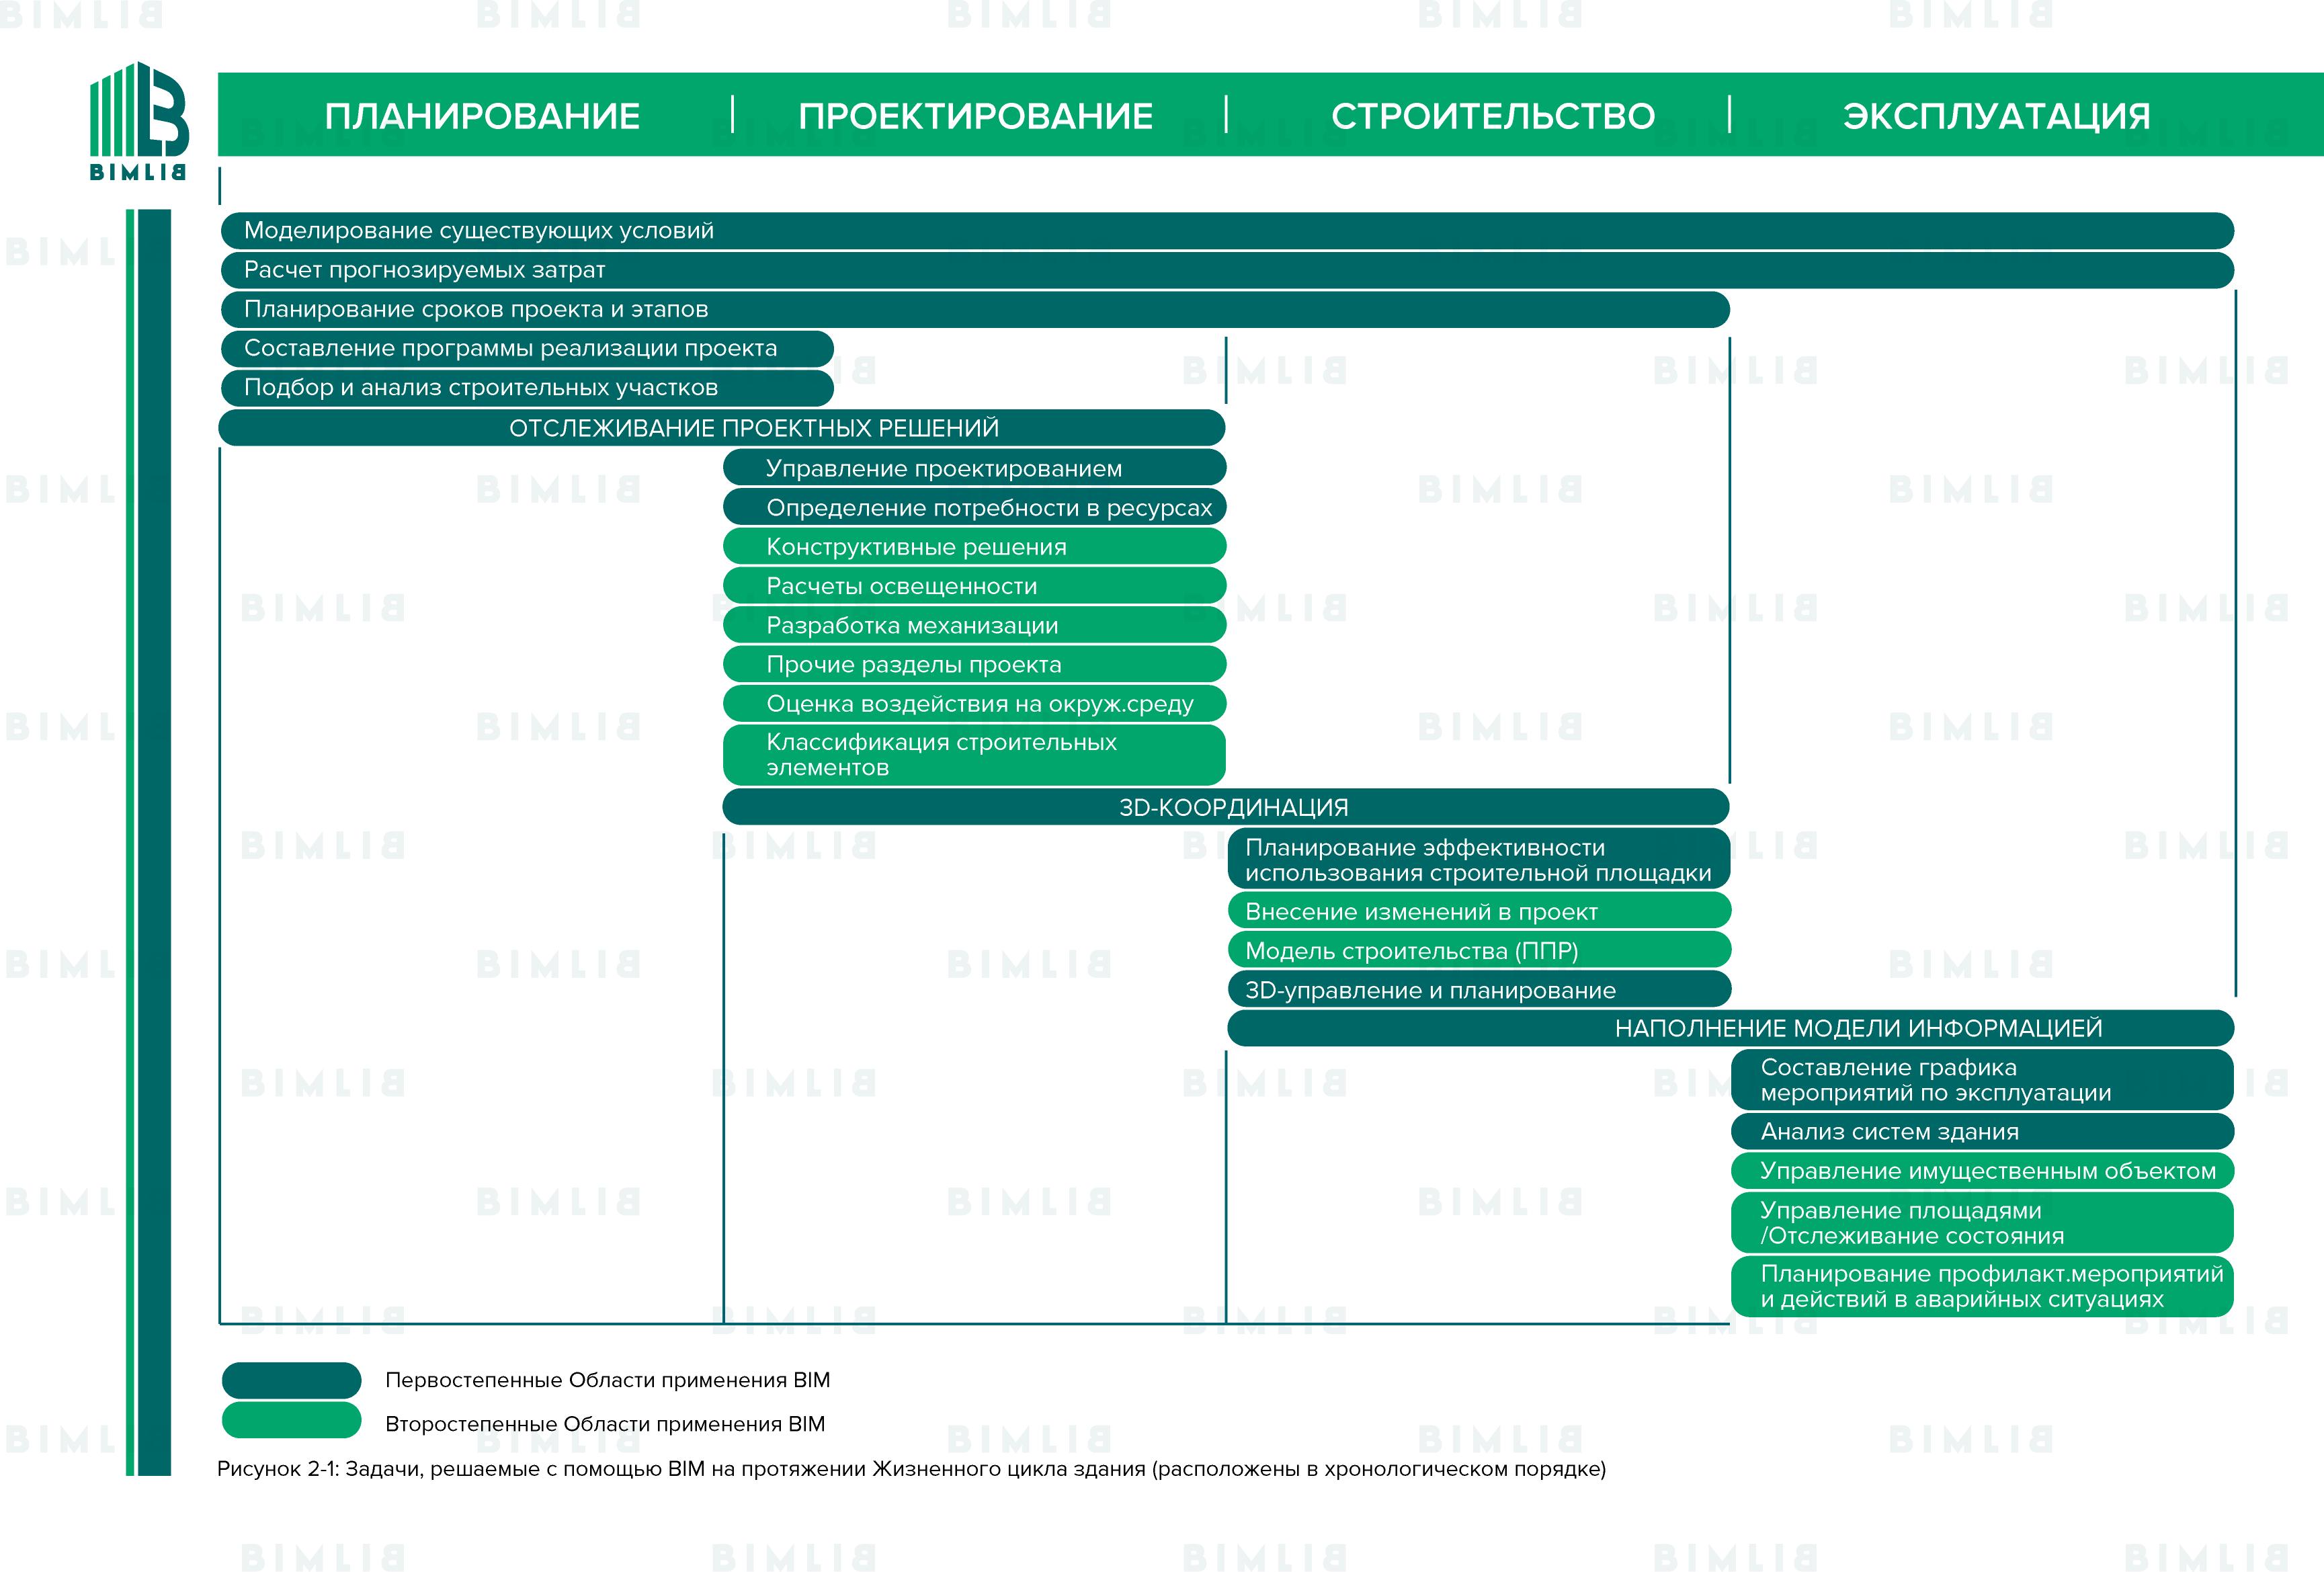 Области применения BIM на протяжении Жизненного цикла здания (расположены в хронологическом порядке, начиная  c этапа планирования, заканчивая этапом эксплуатации)